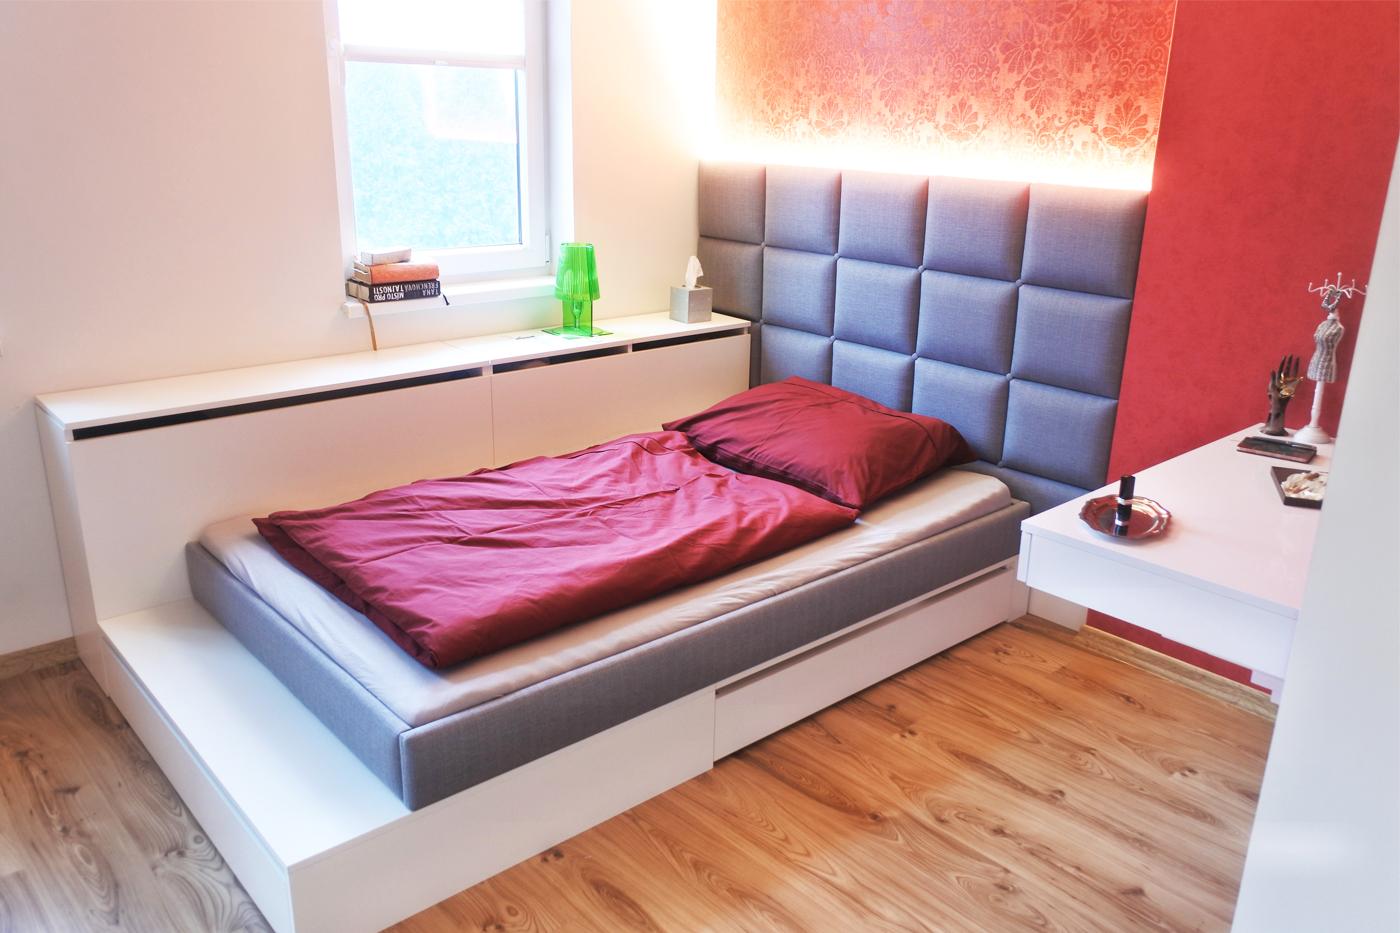 Dámský budoár – tak mile nazvala klientka svou novou ložnici. Výškově dělená postel skrývá různé úložné prostory.